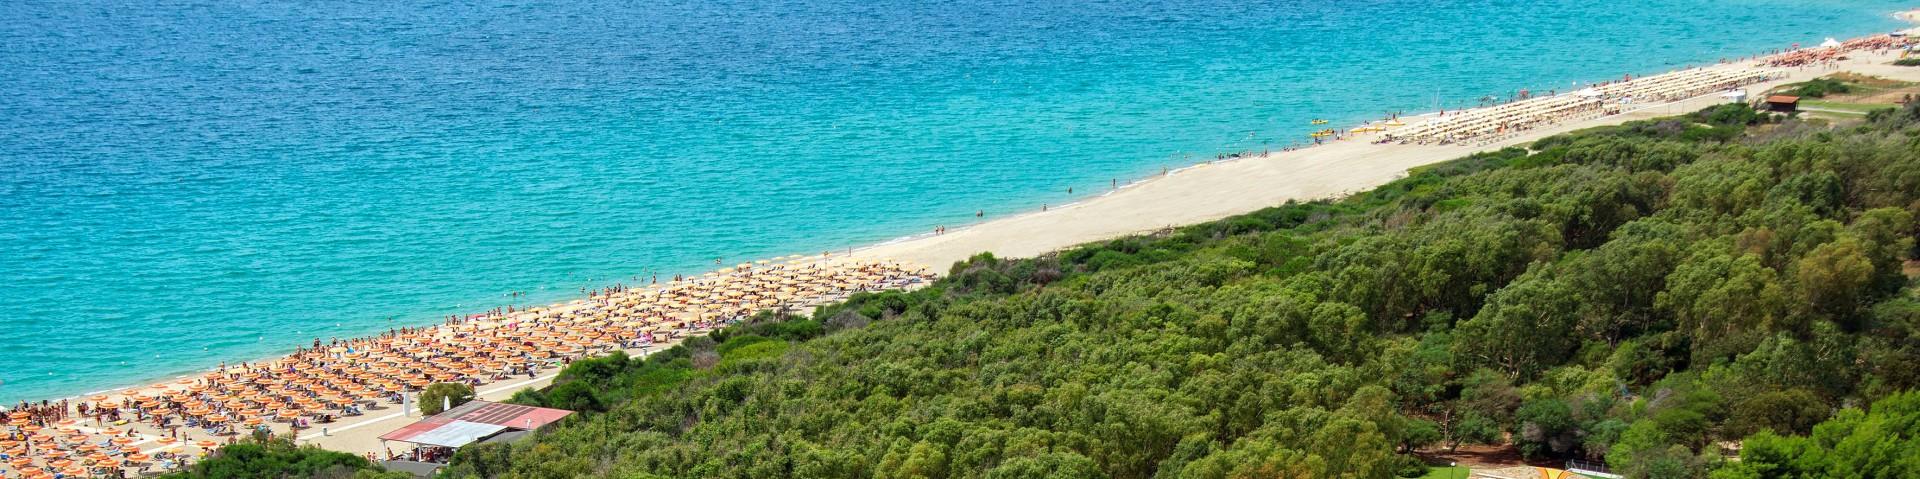 Marinella di Cutro, na plážích se střídají jak sekce se slunečníky, tak i volné úseky